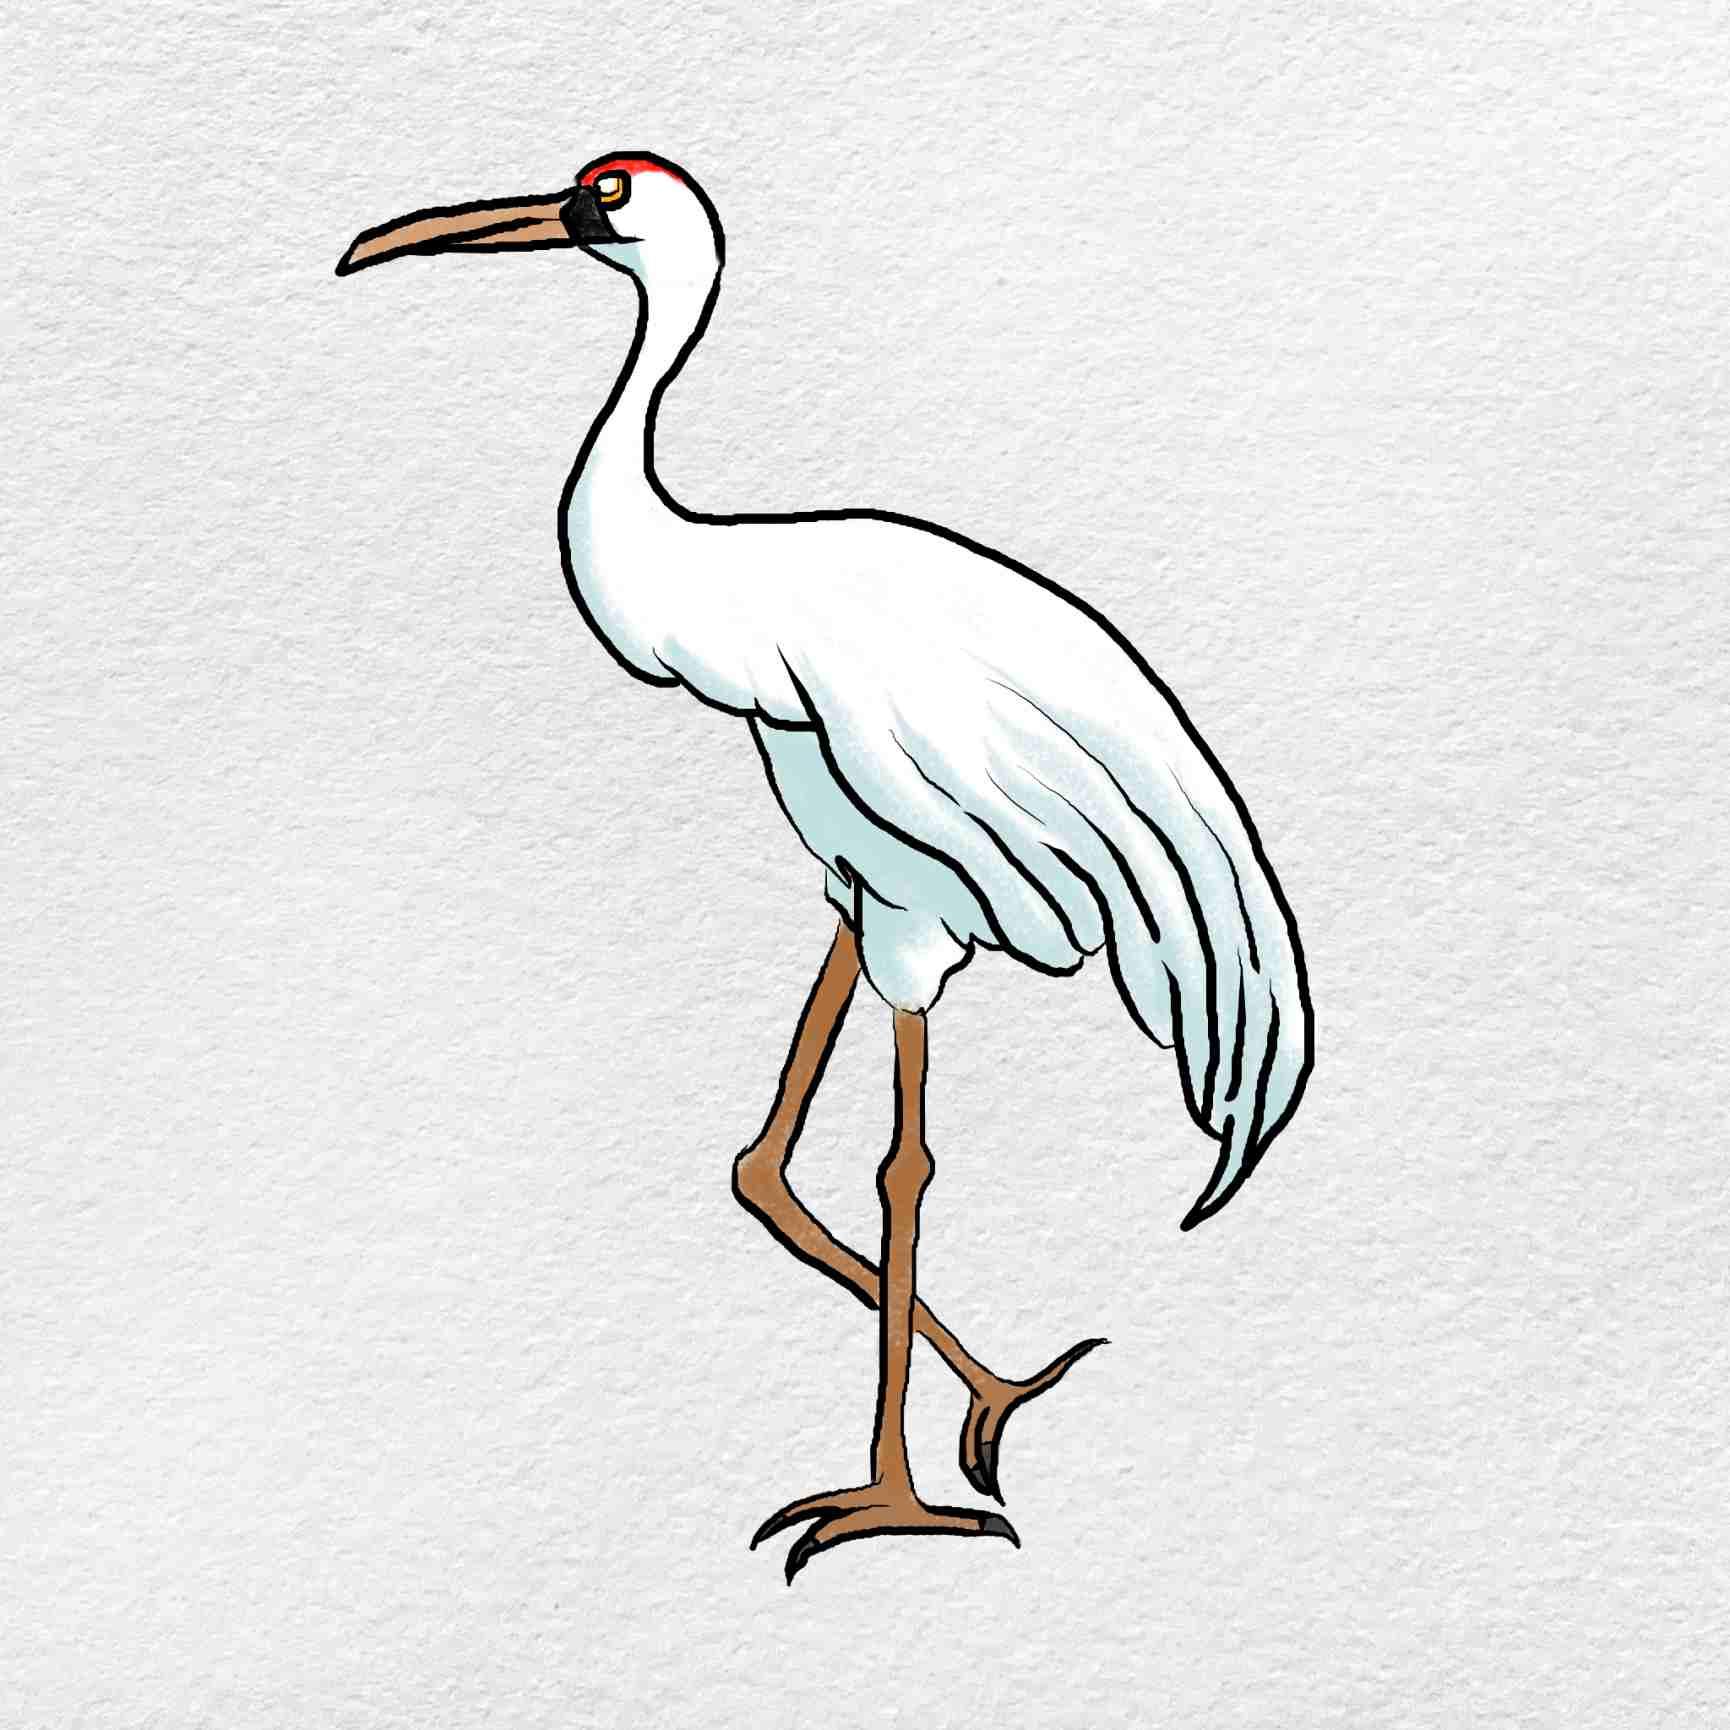 How To Draw A Crane: Step 6